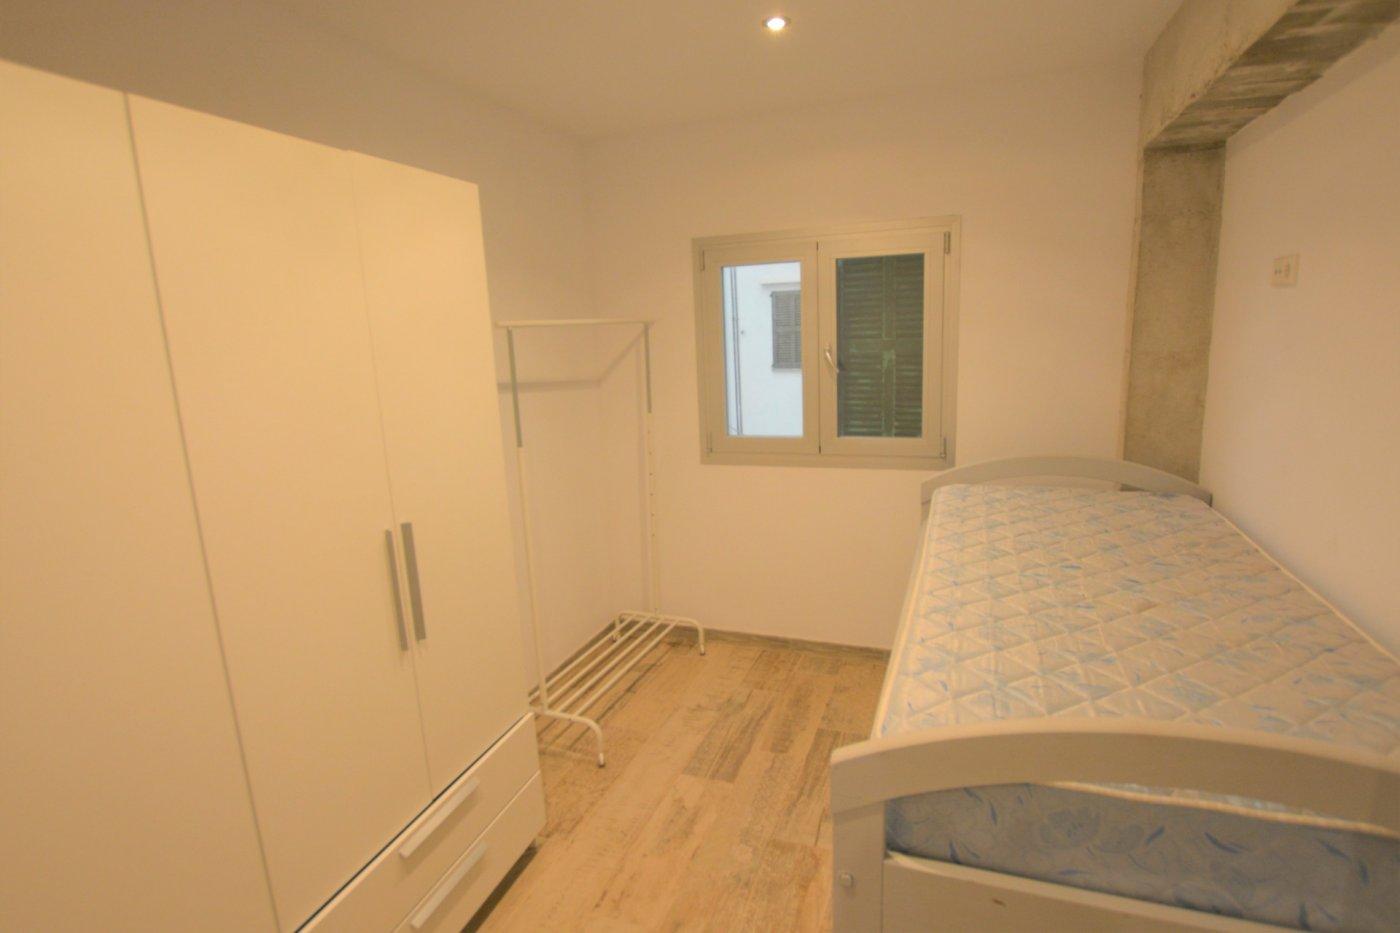 Increíble piso recientemente reformado. - imagenInmueble24